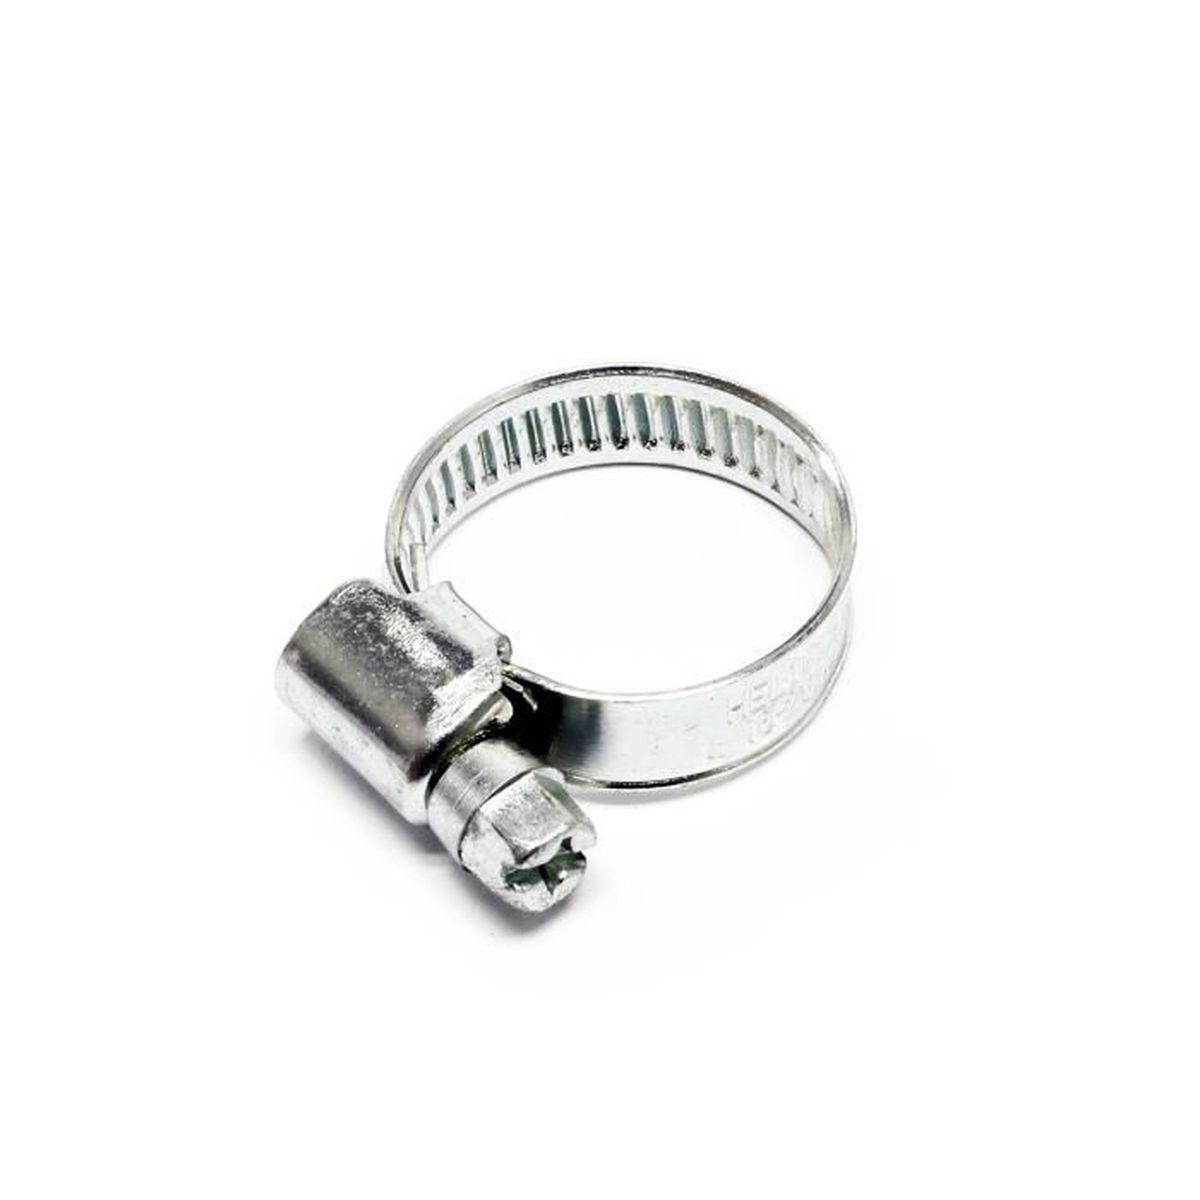 32 mm Acier Inoxydable 316 câble caoutchouc doublé Collier Serrage P Clip Pack de 10 W5